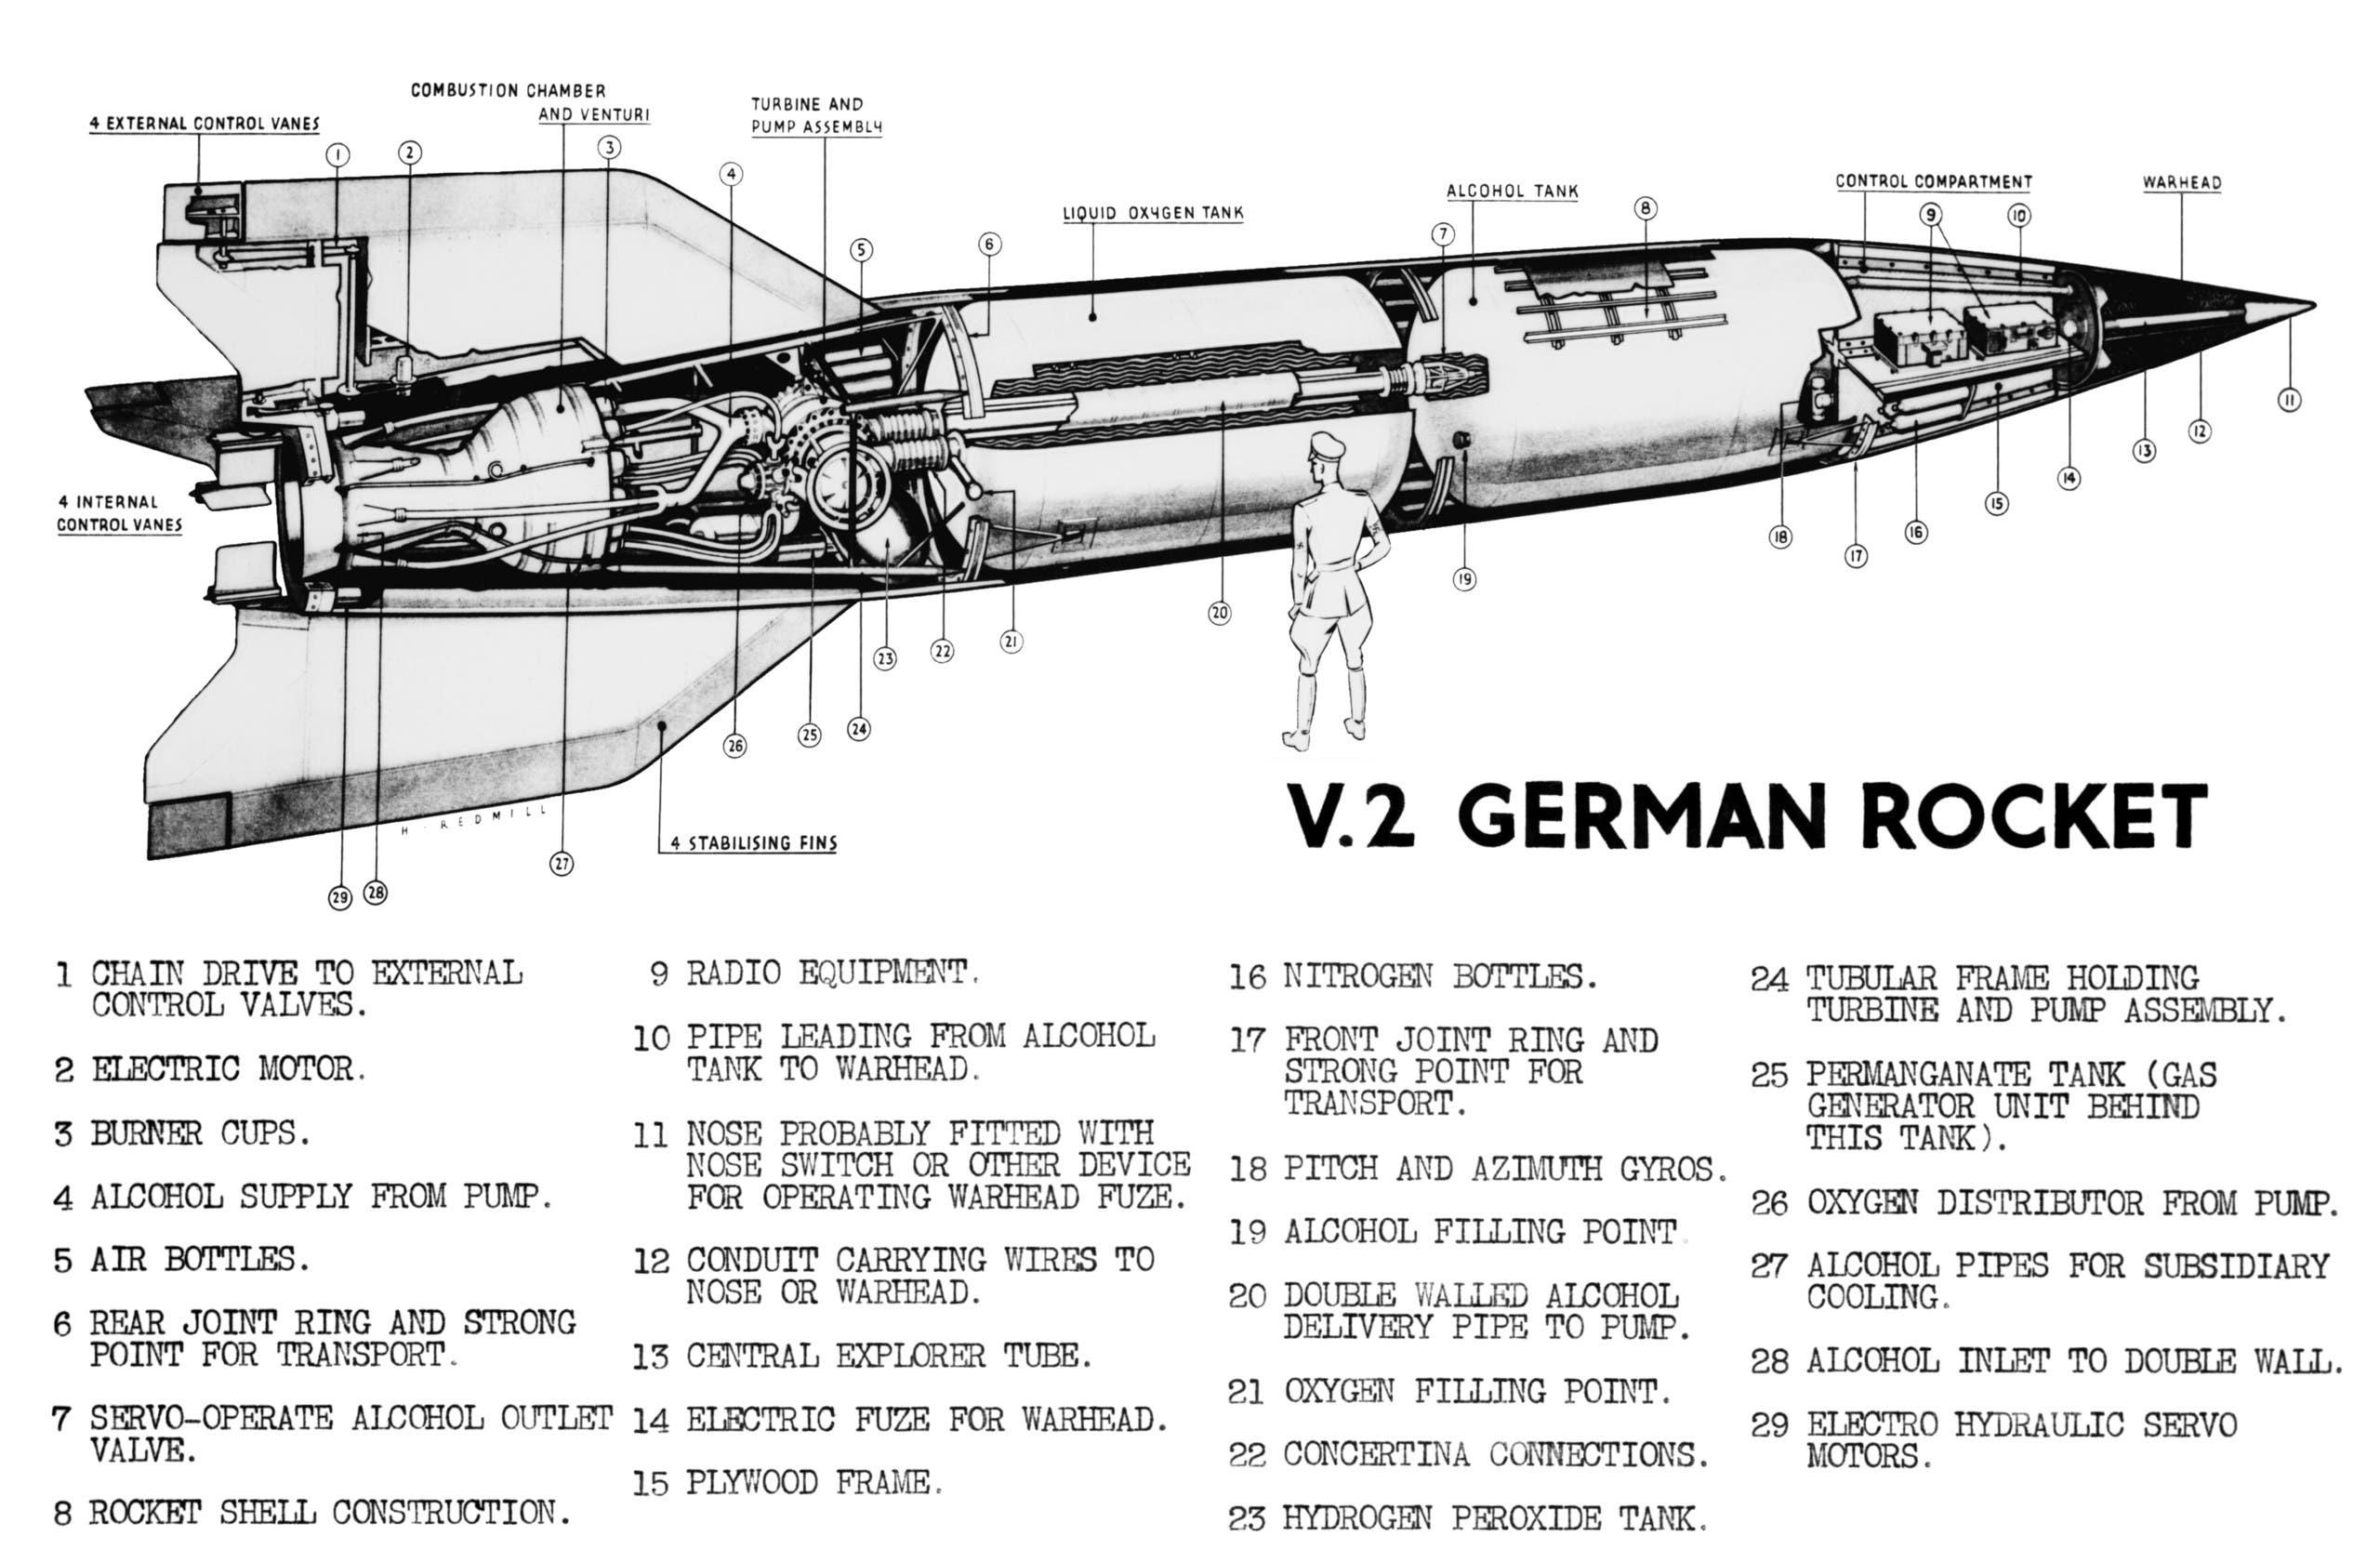 صورة لأجزاء الصاروخ الألماني في 2